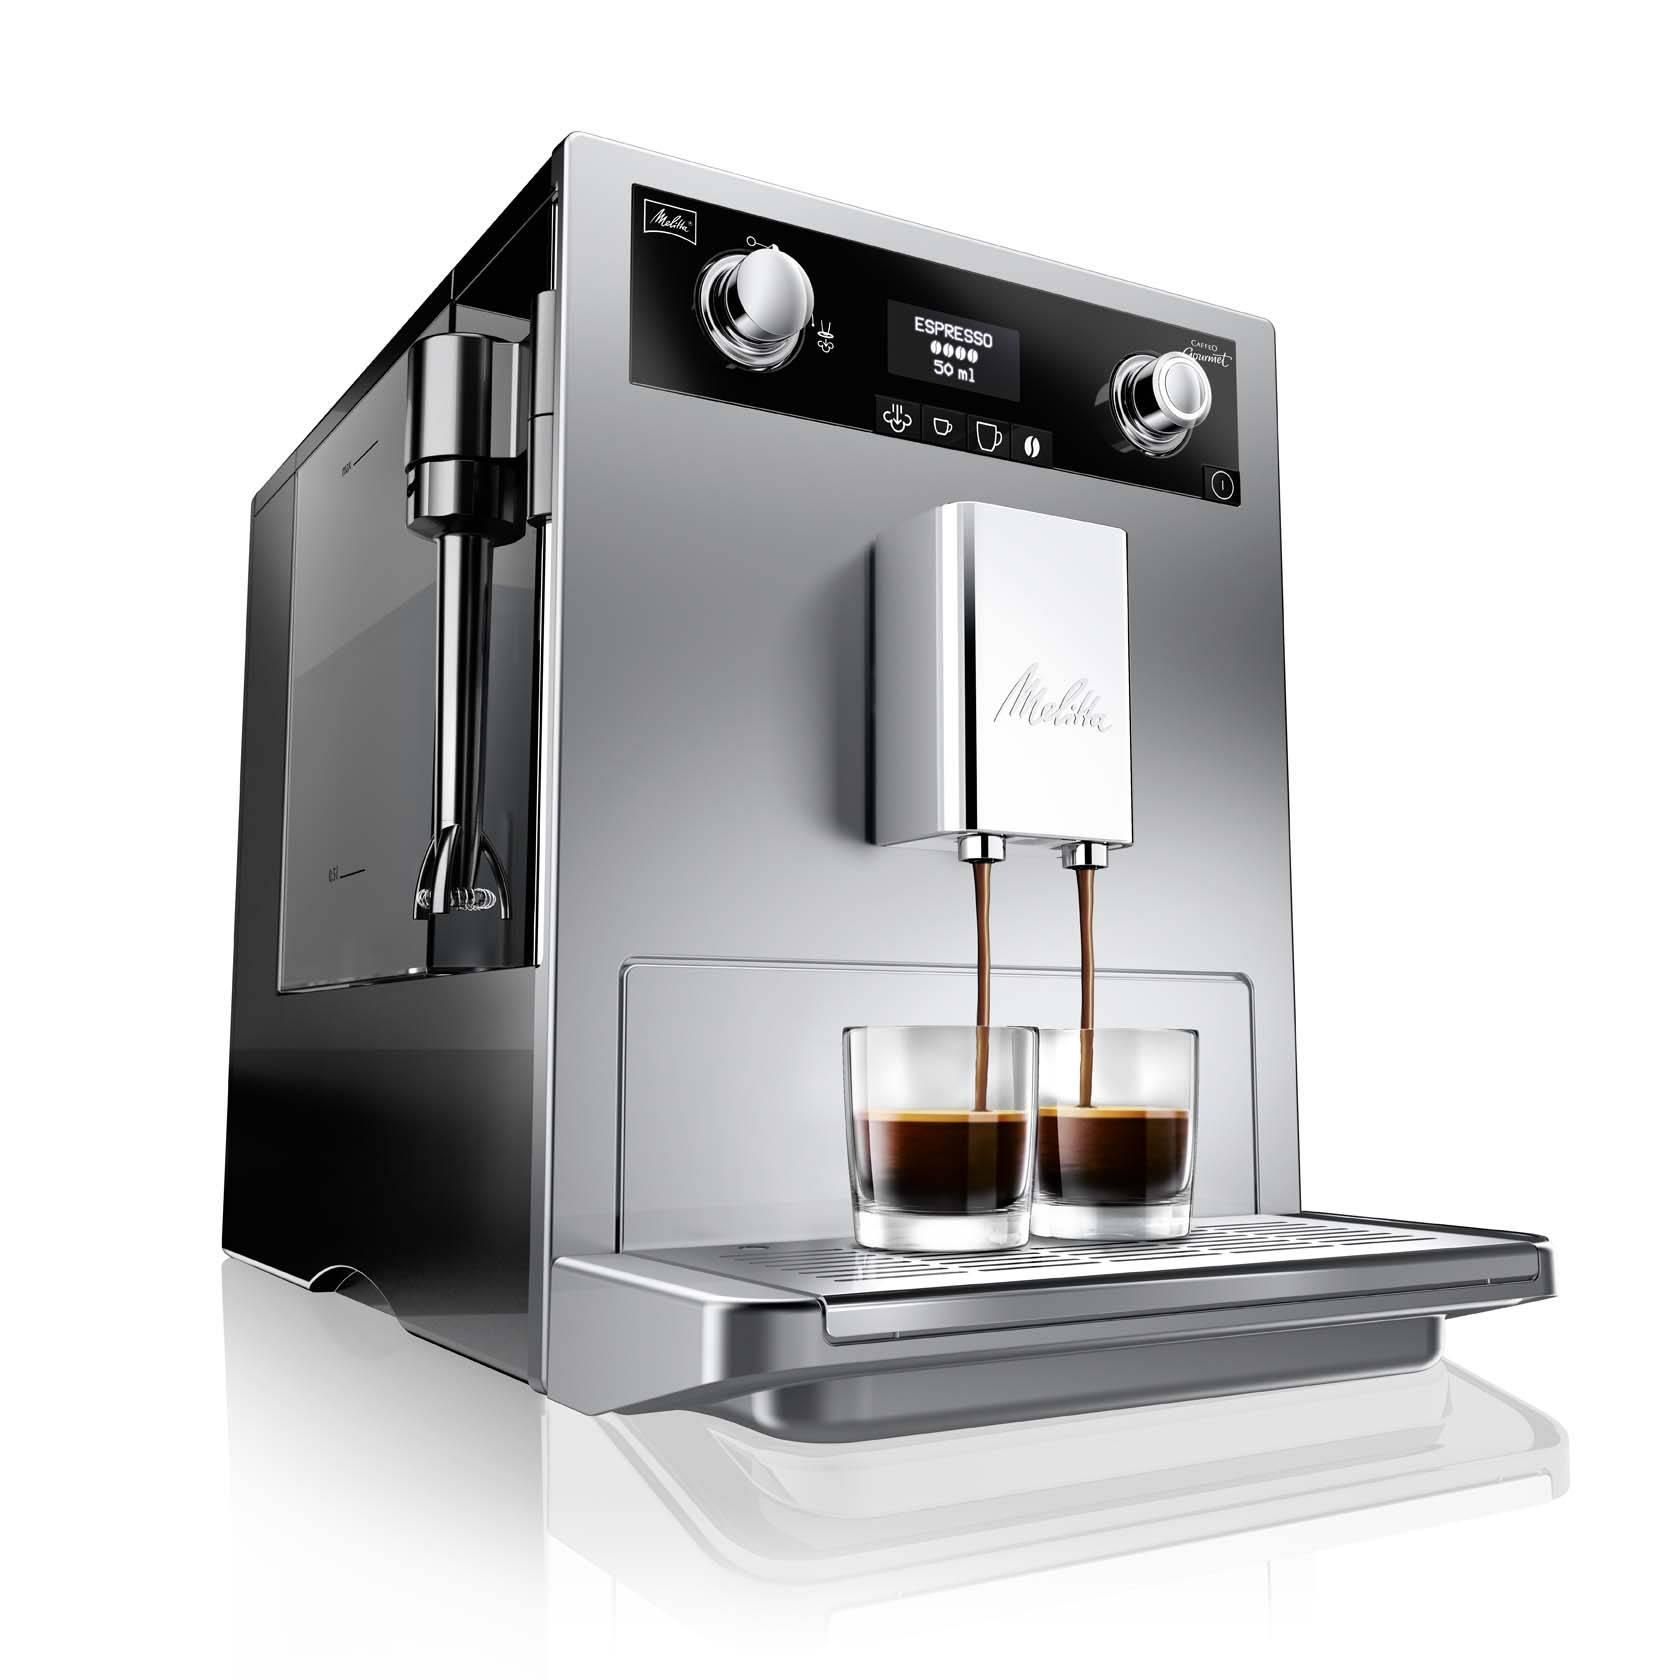 Как выбрать лучшую из кофемашин melitta: классификация, правила подбора, рейтинг и обзор популярных моделей линейки, их плюсы и минусы